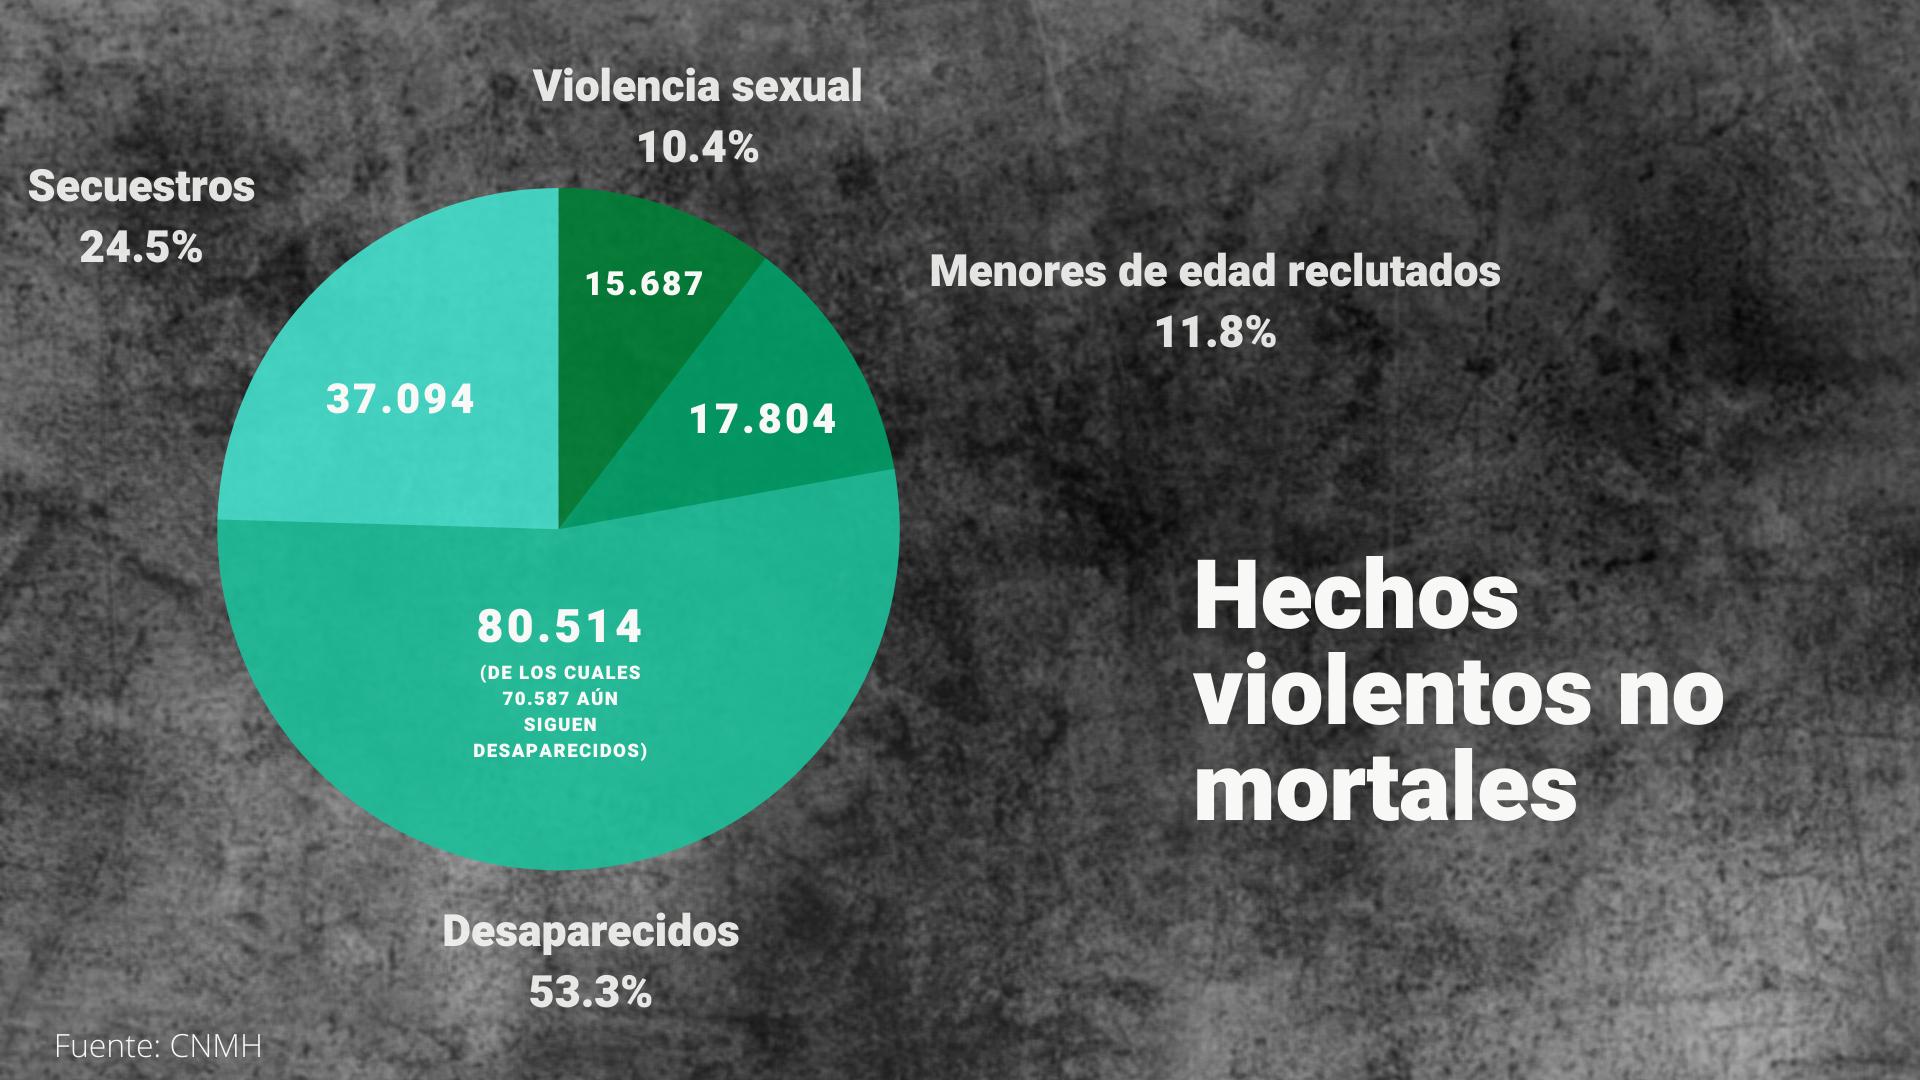 Hechos de violencia registrados en medio del conflicto armado en Colombia.